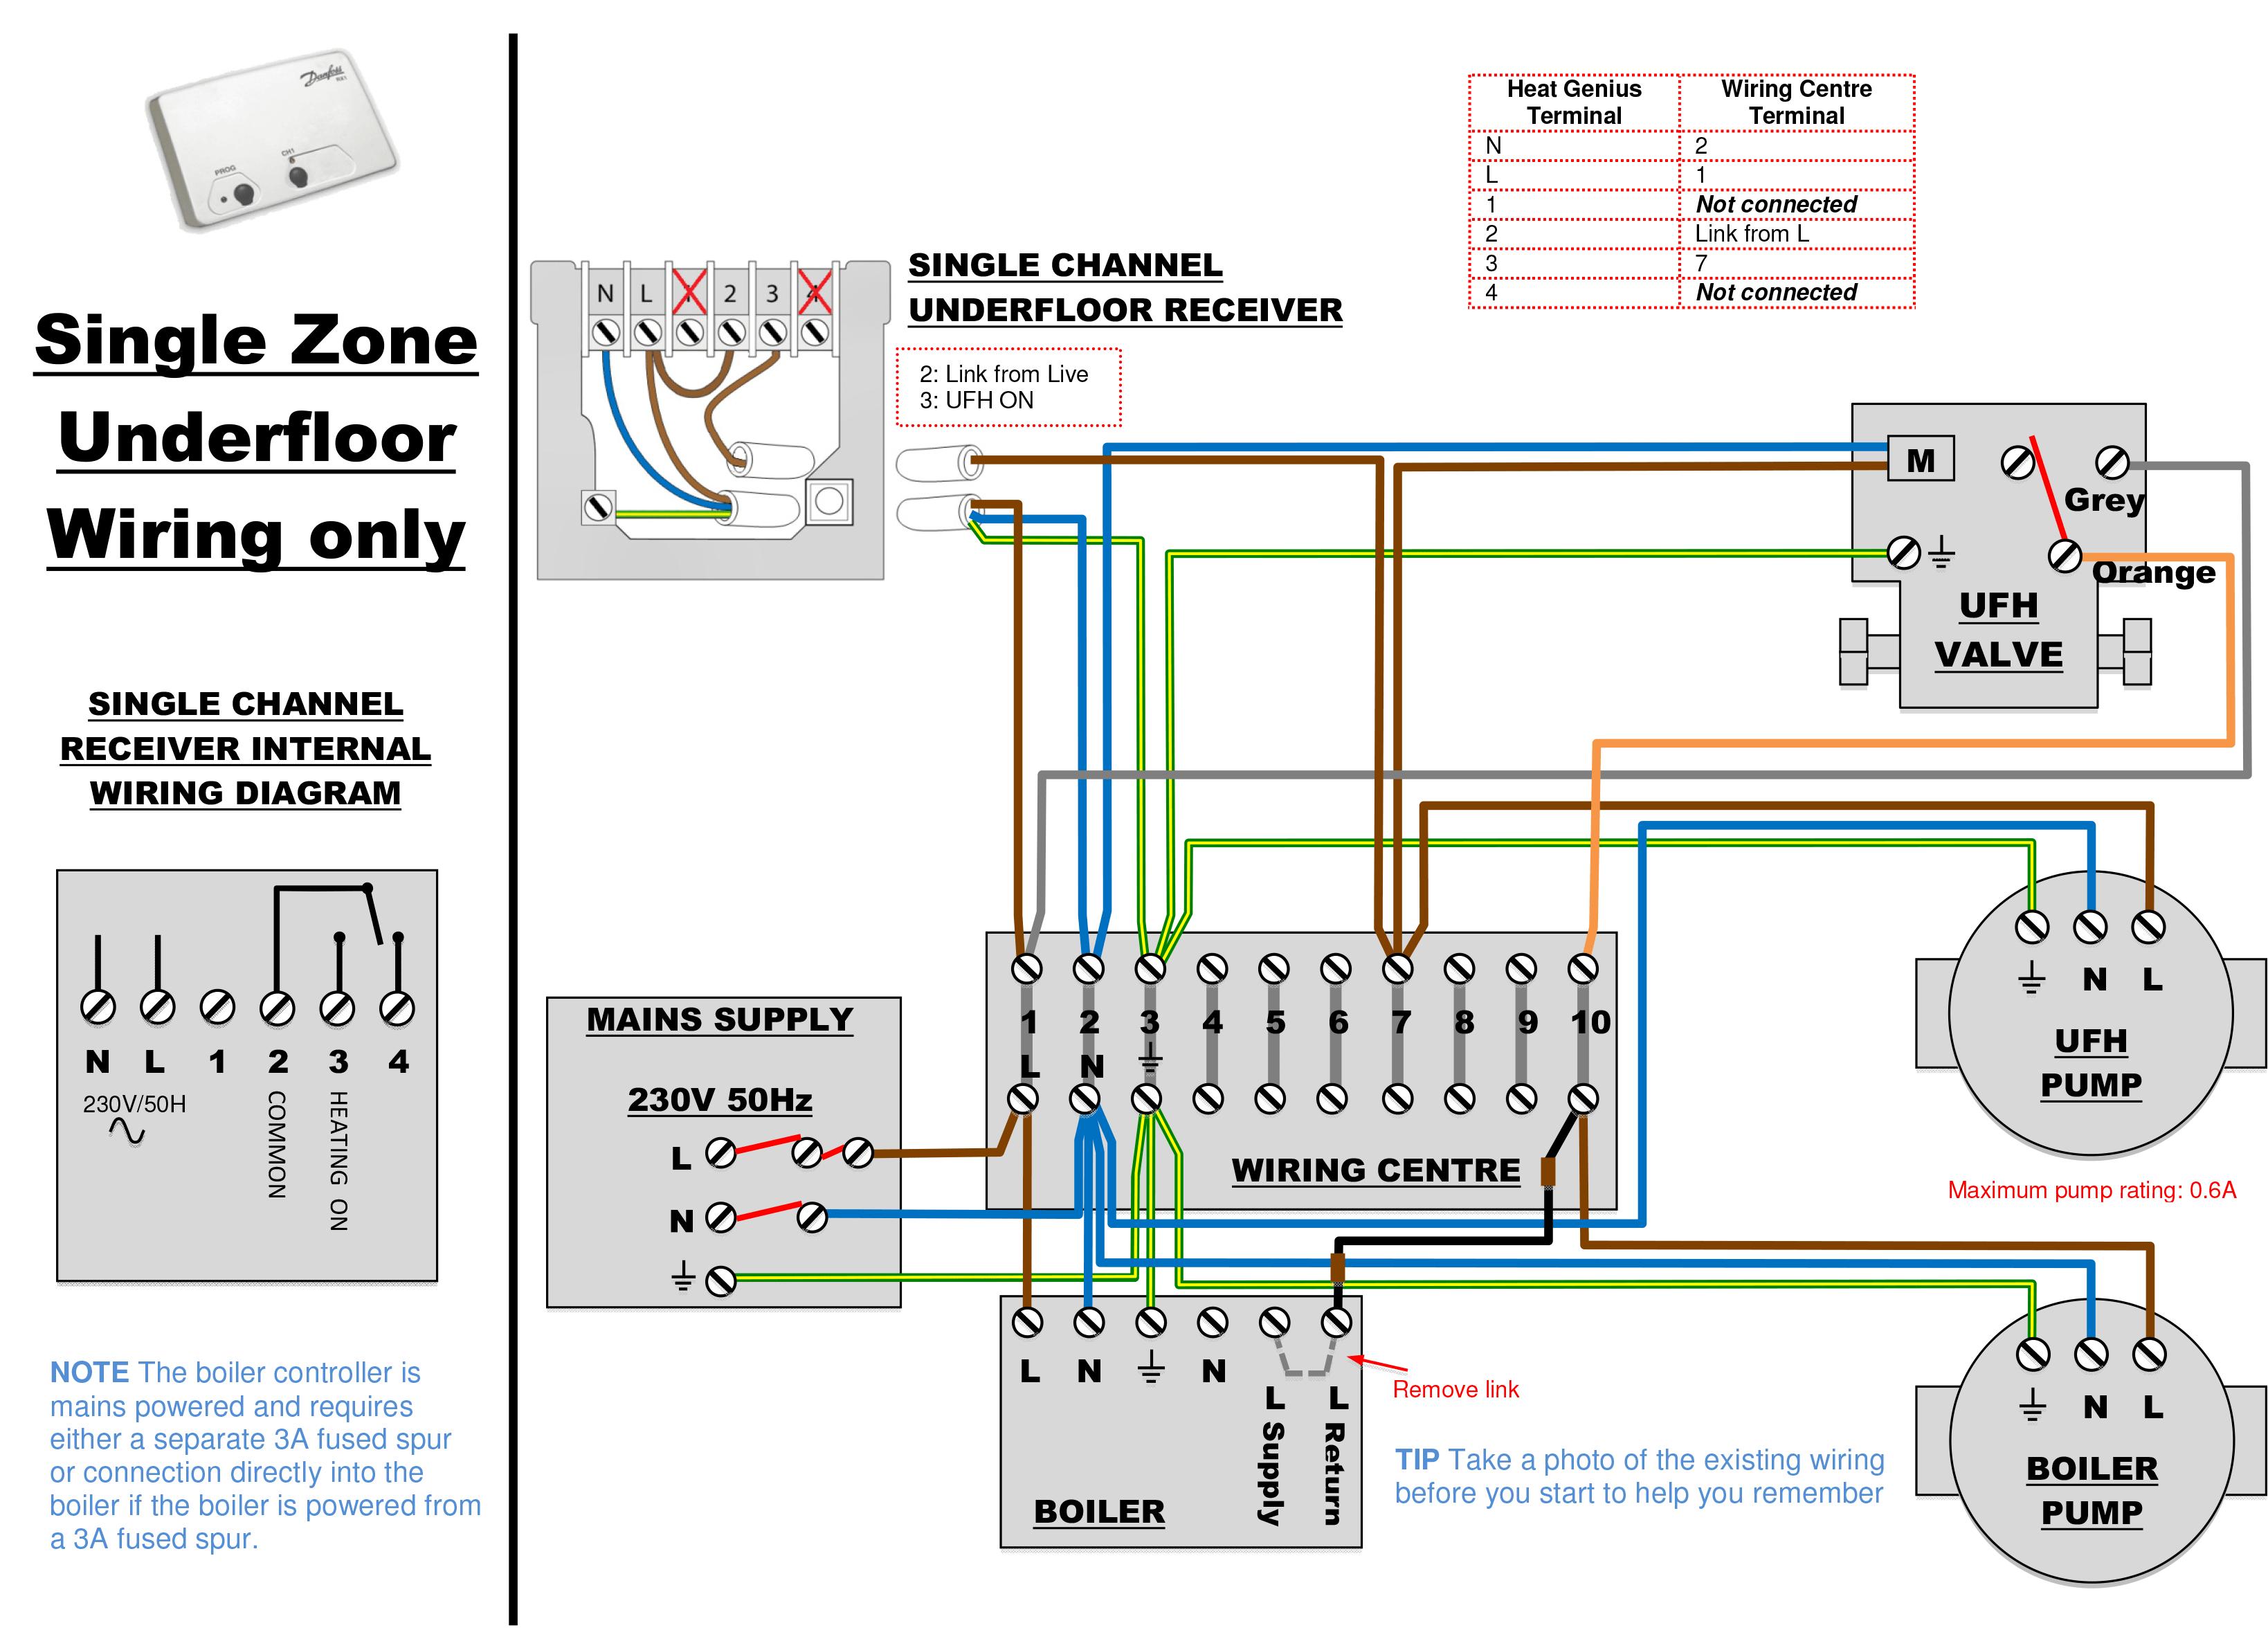 Wunda Underfloor Heating Wiring Diagram - Safety Schematic Wiring for Wiring  Diagram Schematics | Wunda Underfloor Heating Wiring Diagram |  | Wiring Diagram Schematics